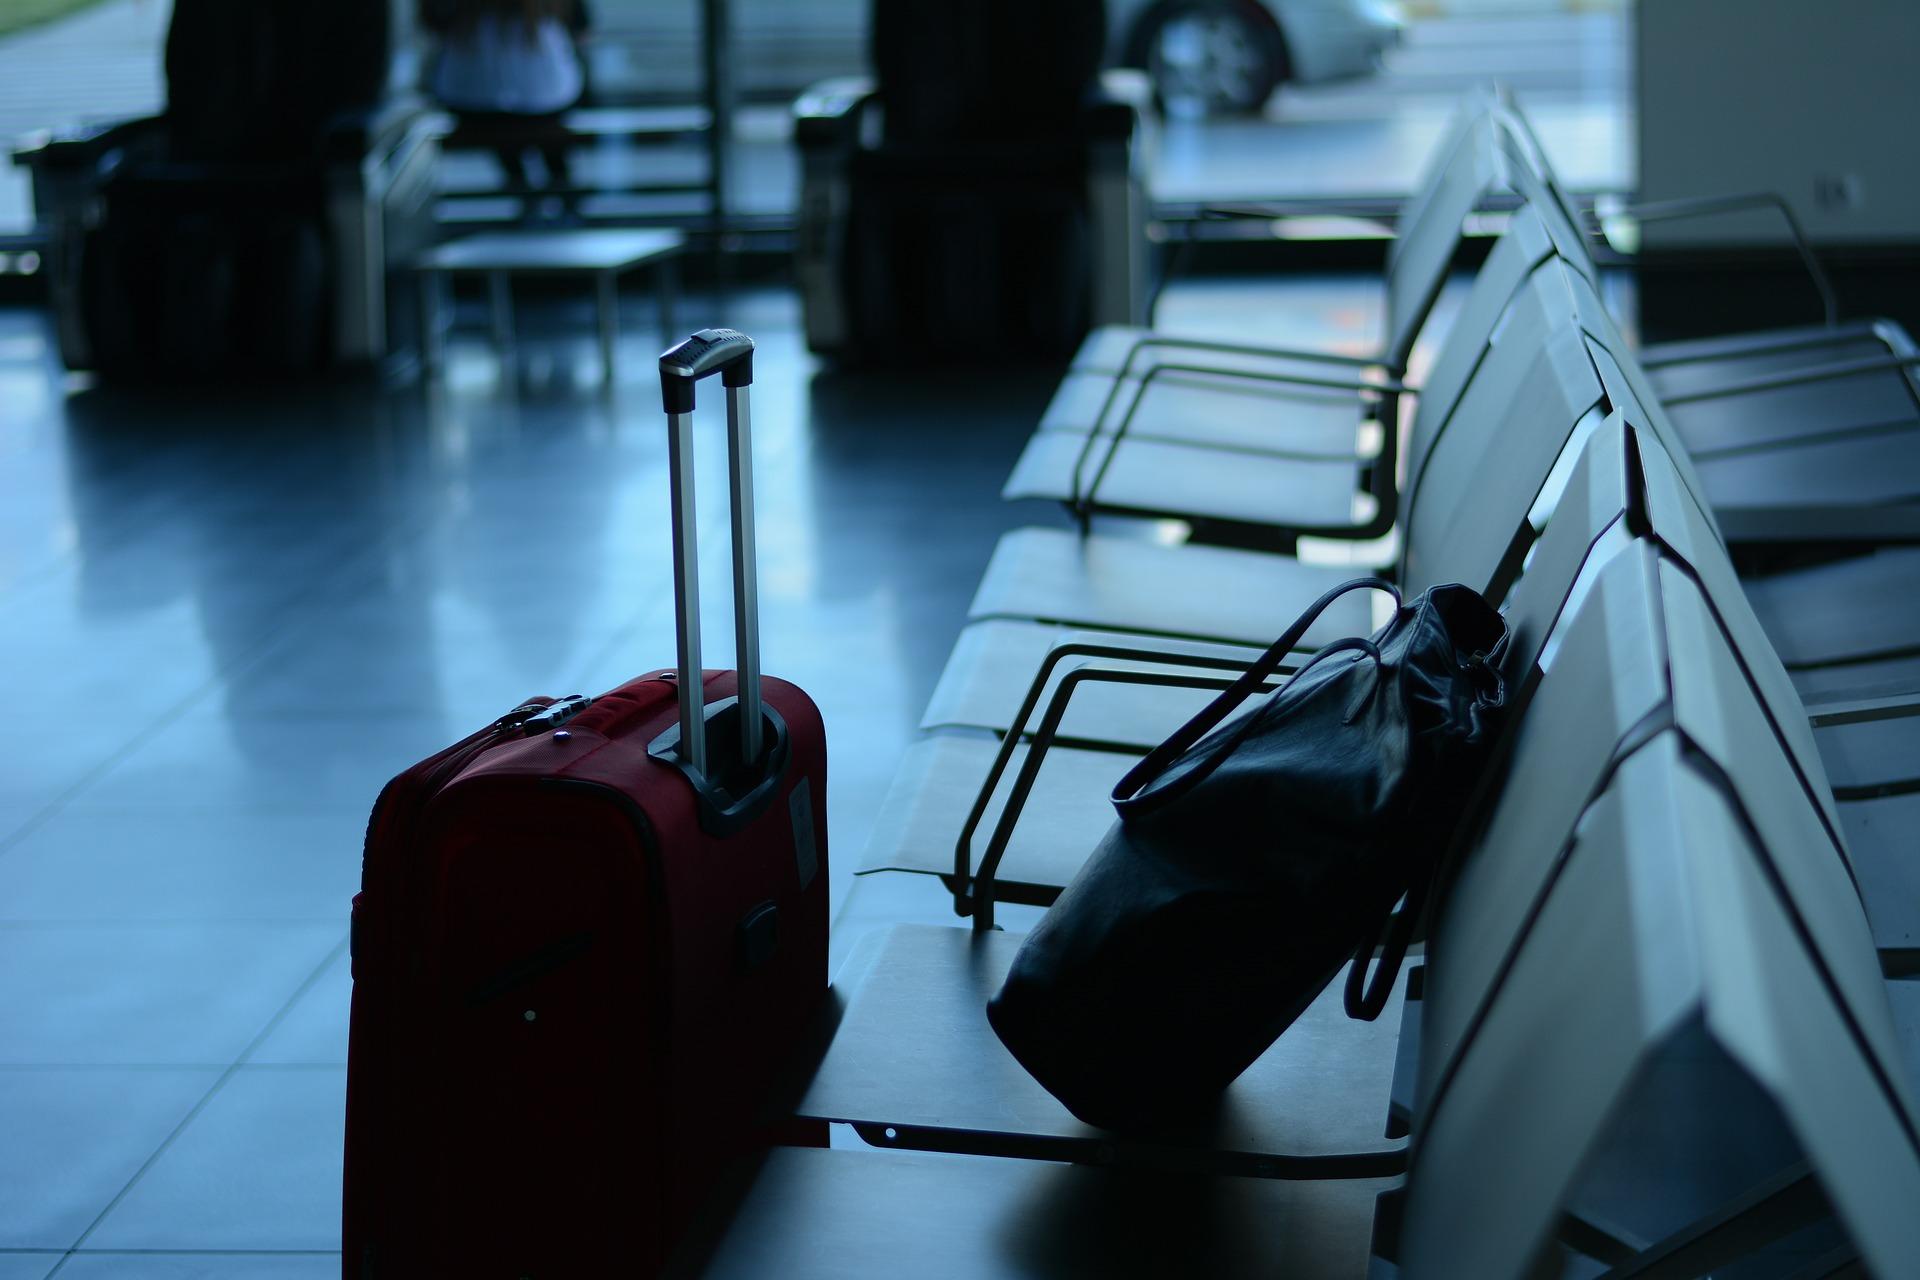 kofer, fotografija, žalba, aerodrom, avio kompanija